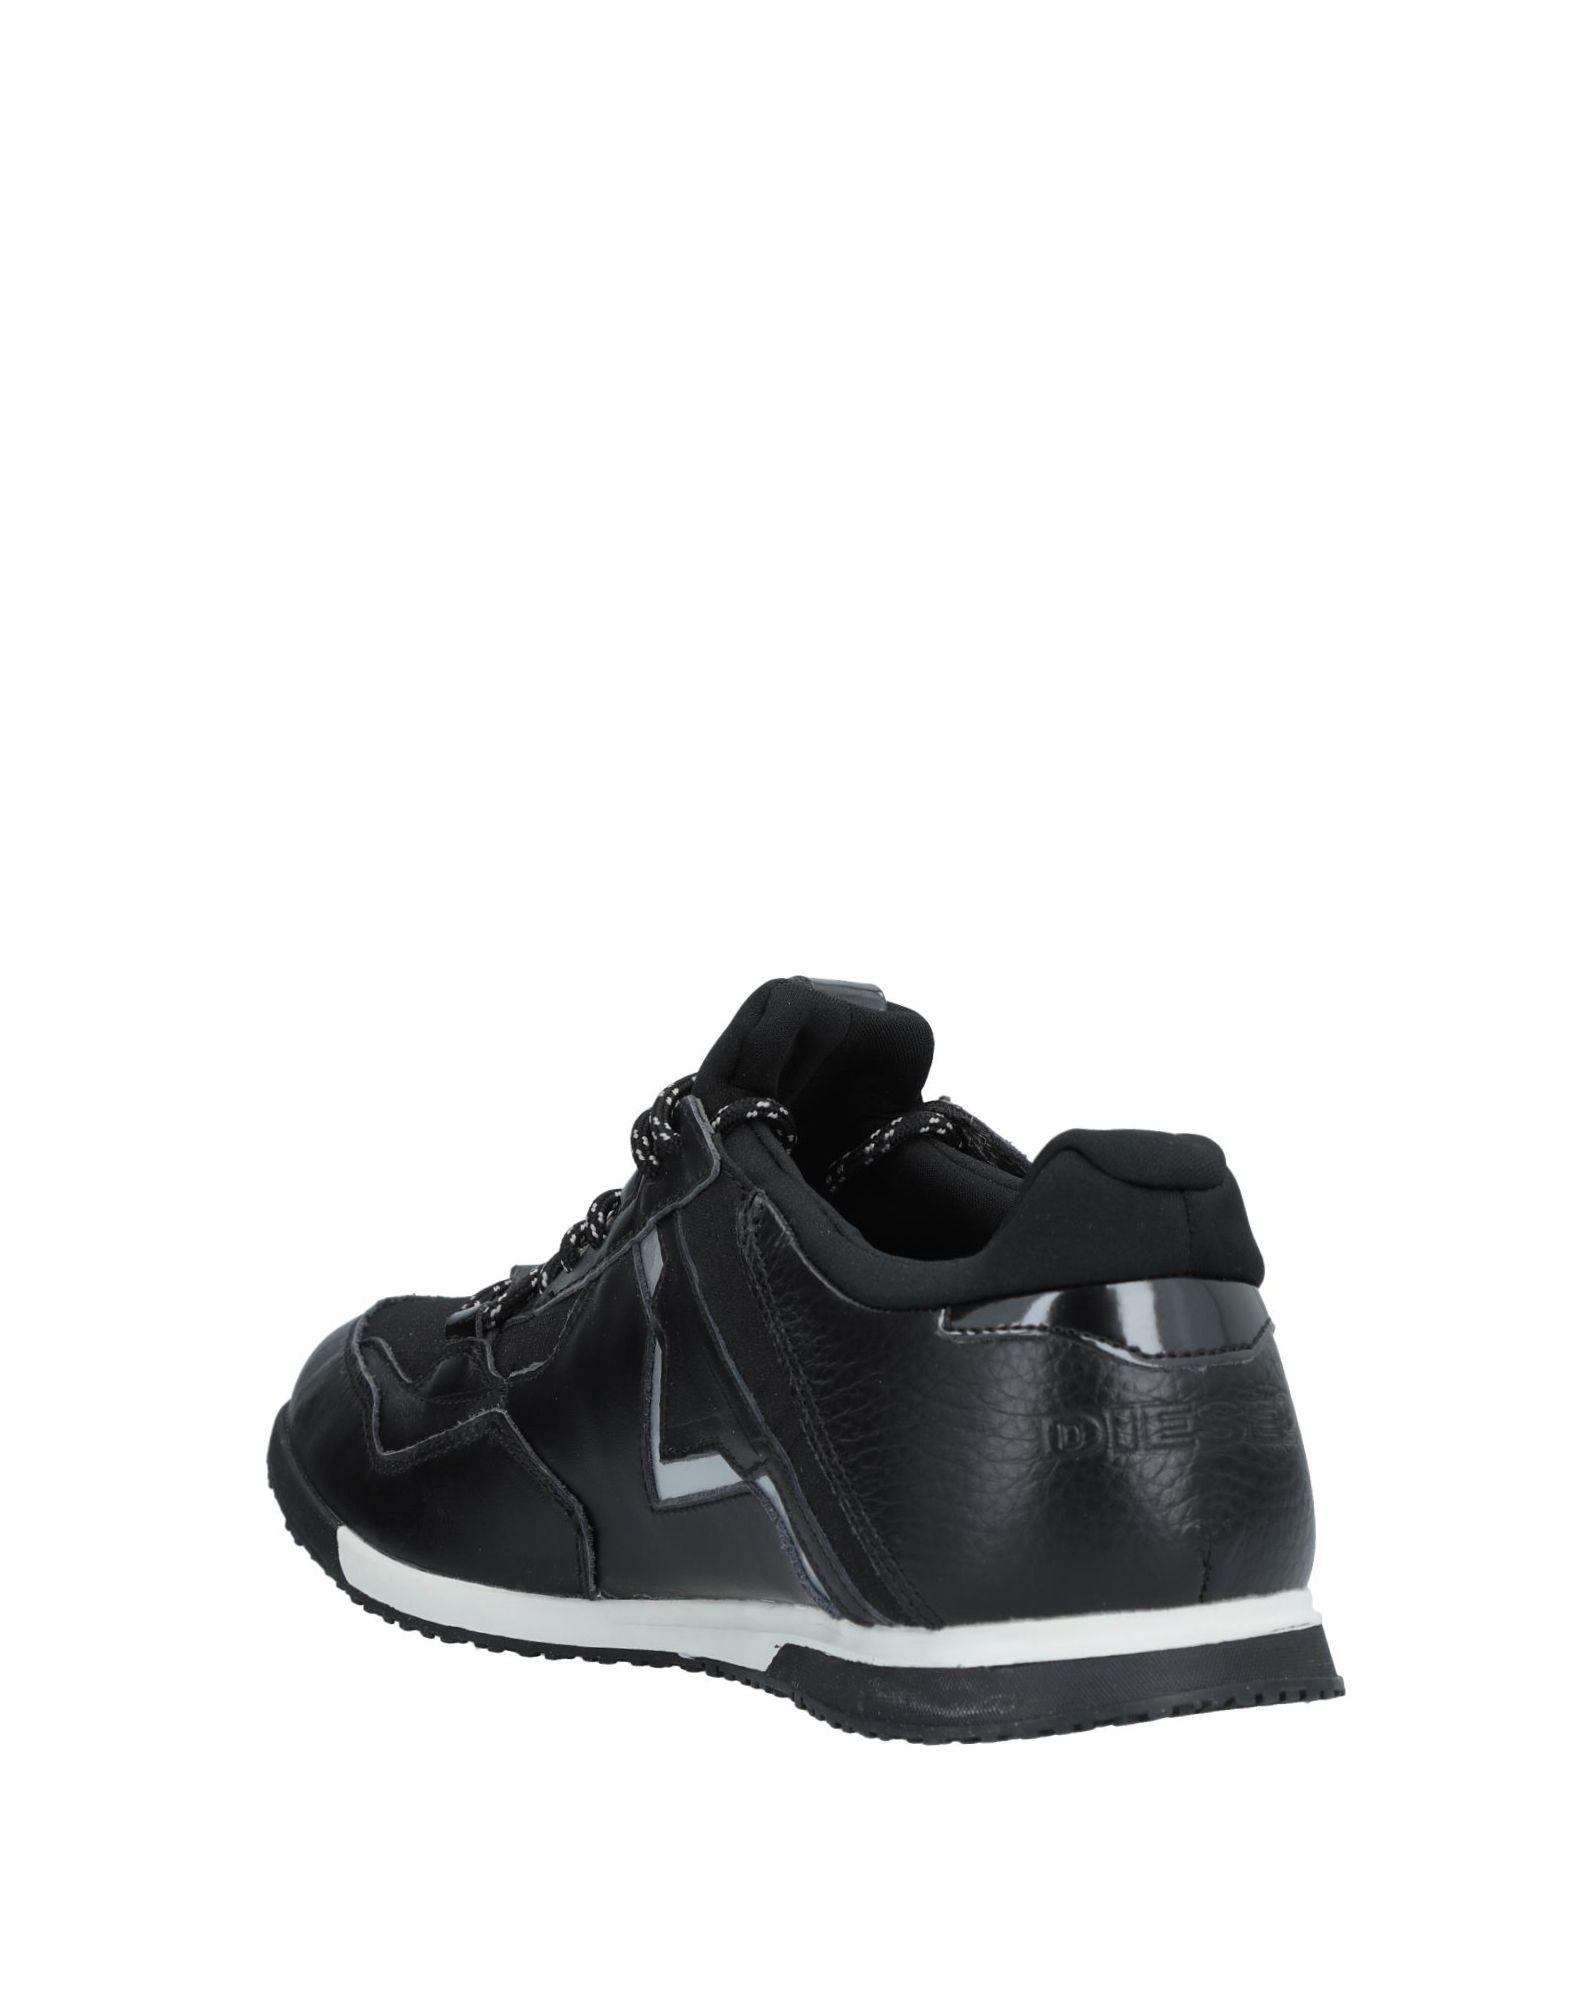 Rabatt Herren echte Schuhe Diesel Sneakers Herren Rabatt  11535312TW 2caee5